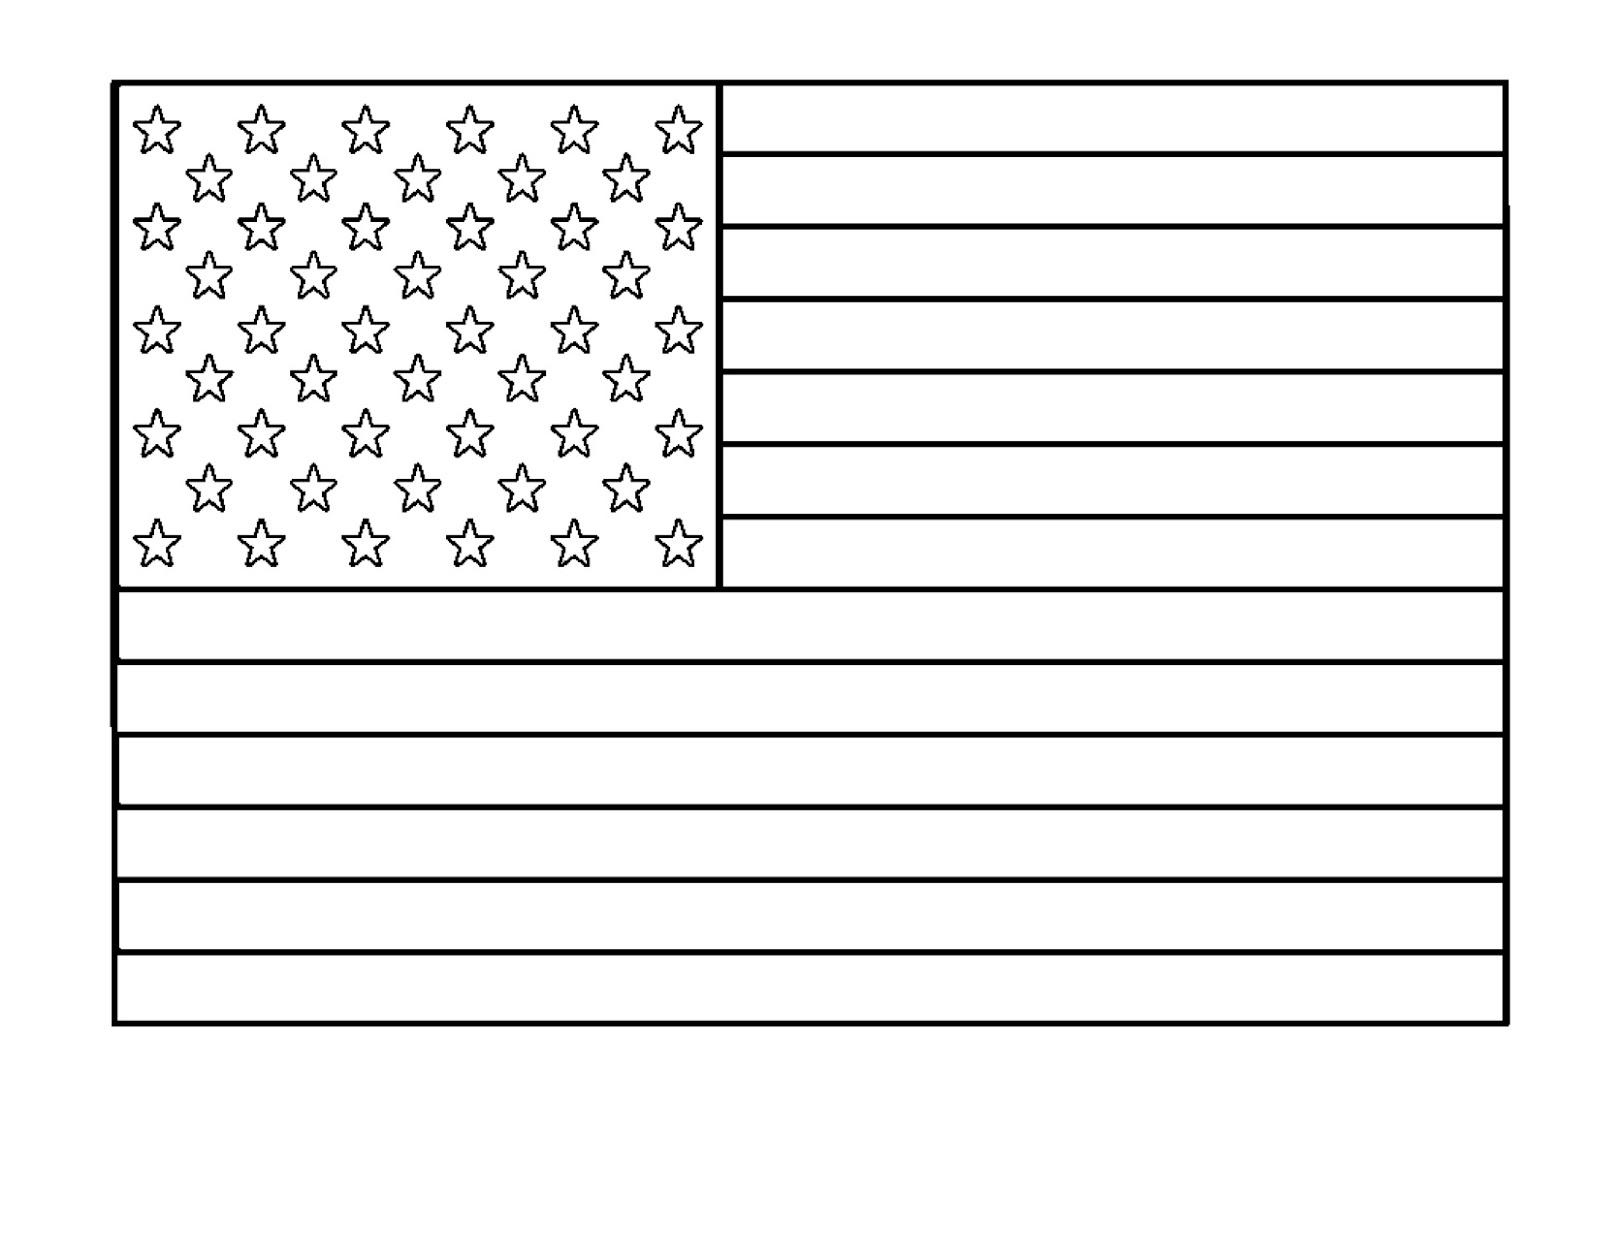 Dessins et coloriages 5 coloriages du drapeau des etats - Drapeaux a colorier ...